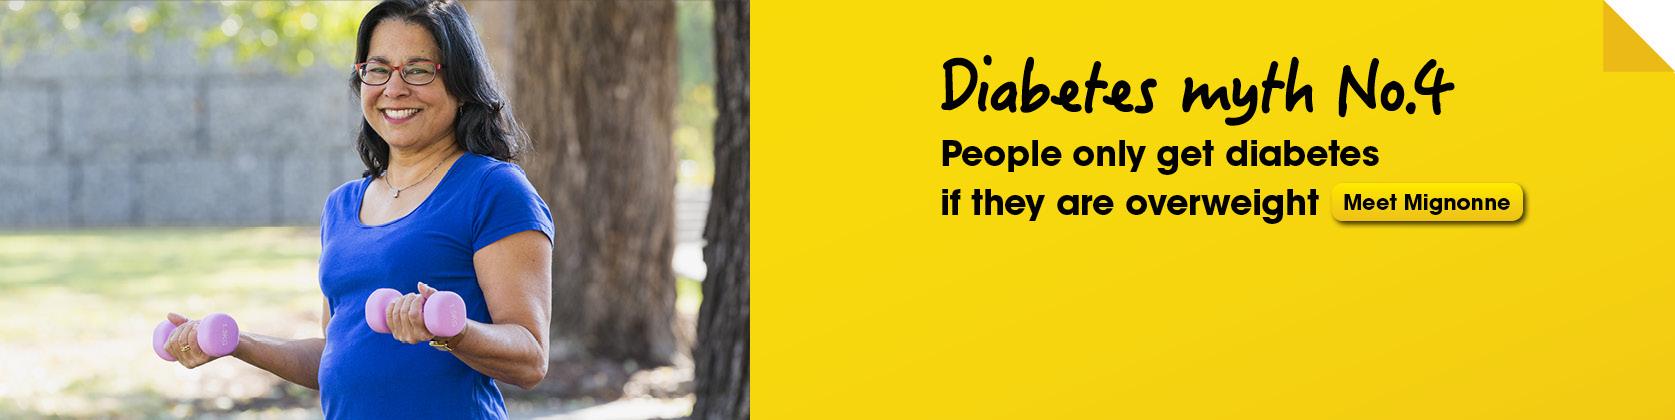 Bust a diabetes myth 4